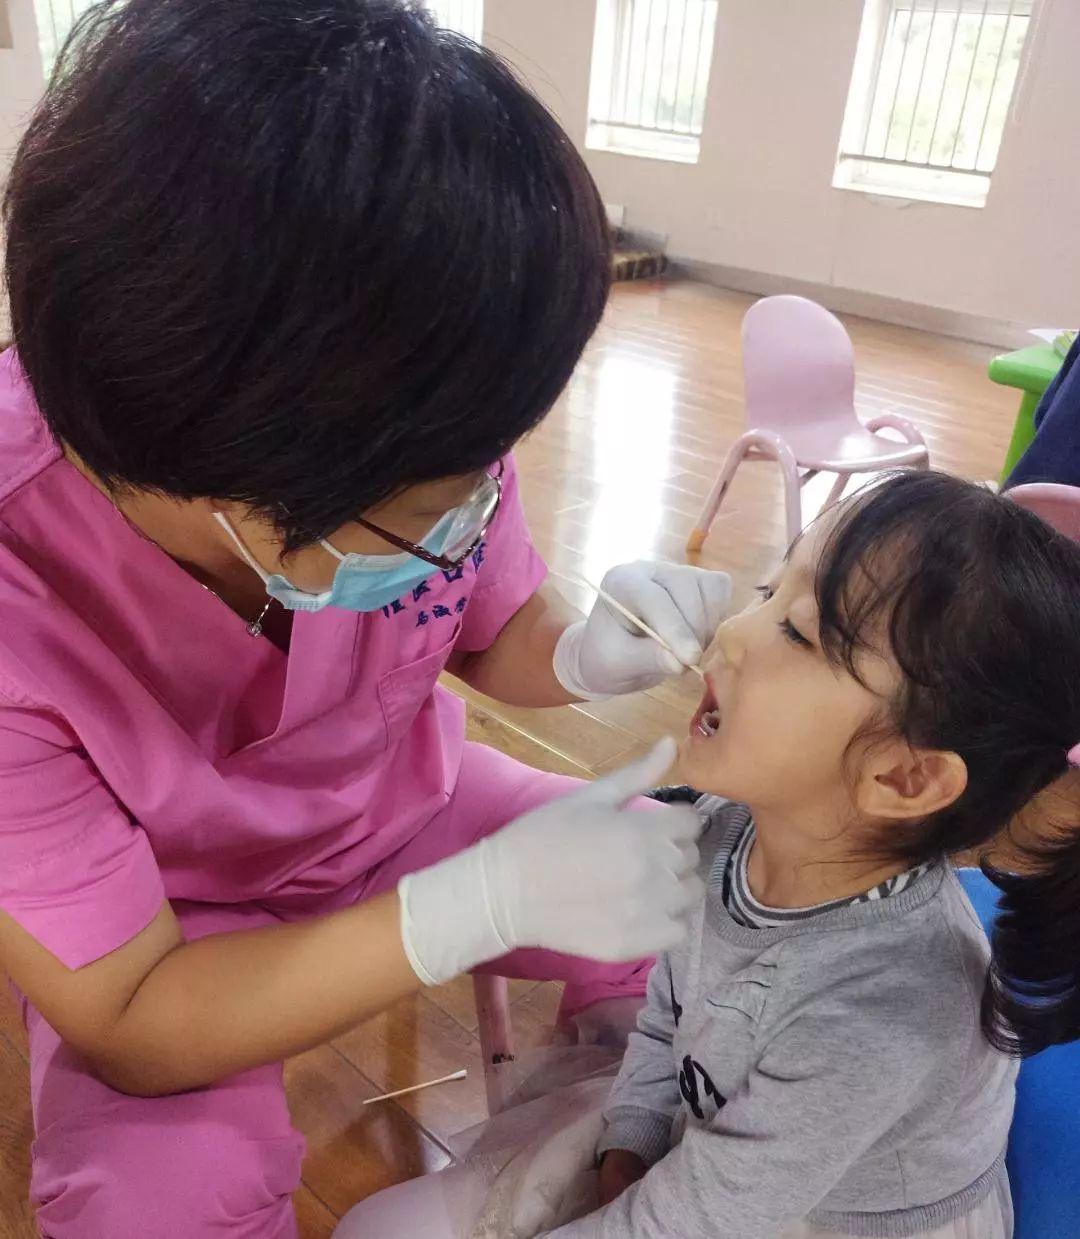 健康生活,从齿开始 Keylight全脑教育西安福田教学示范基地福田佳馨幼儿园 爱牙日 活动